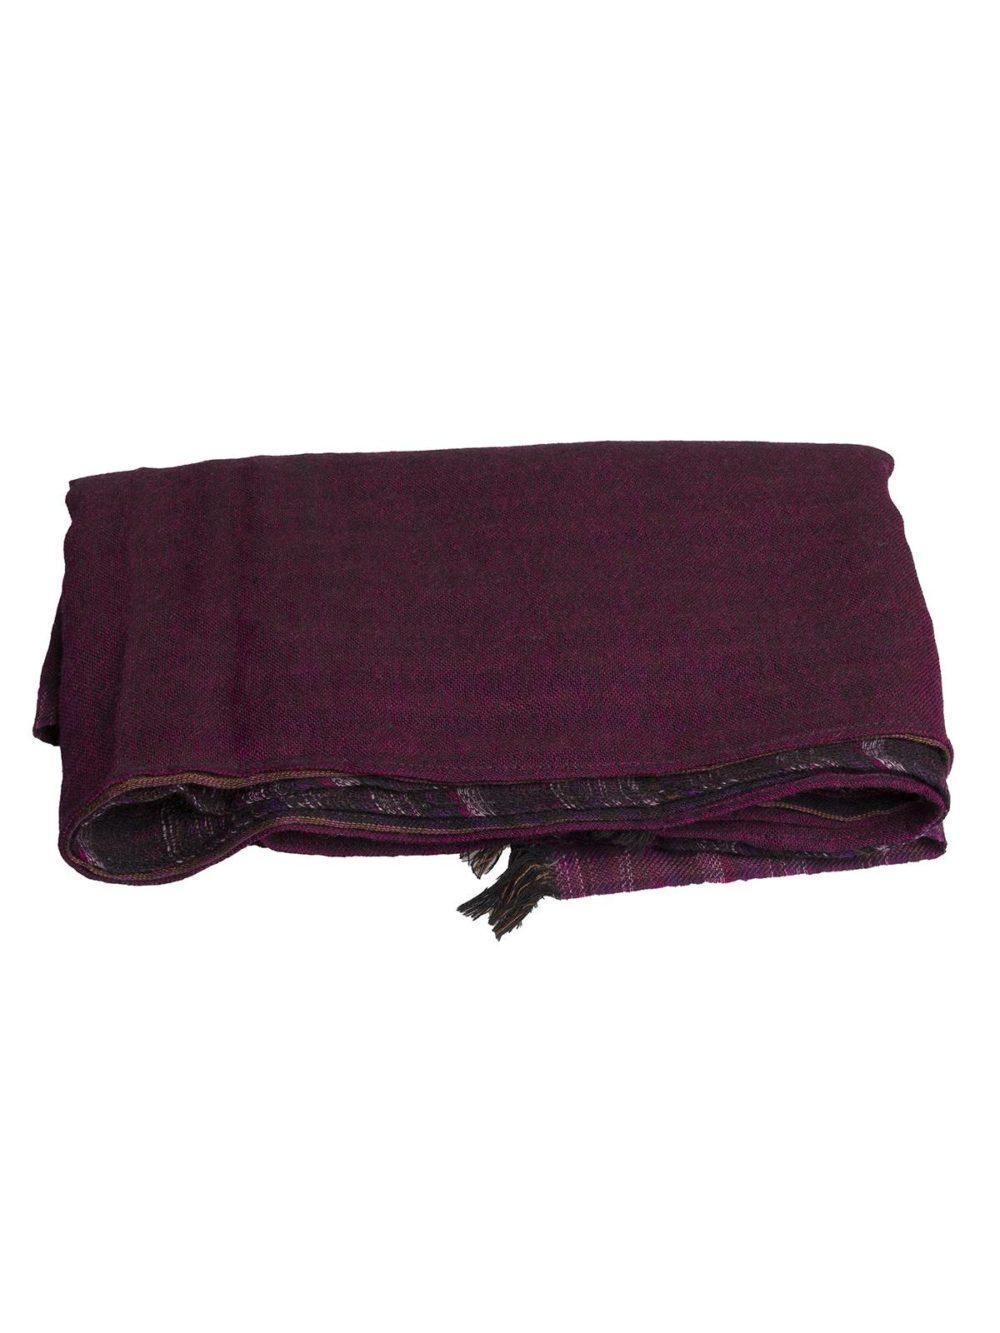 SCOTT3 Scarf Purple manicay Katie Kerr Women's Accessories Women's Clothing